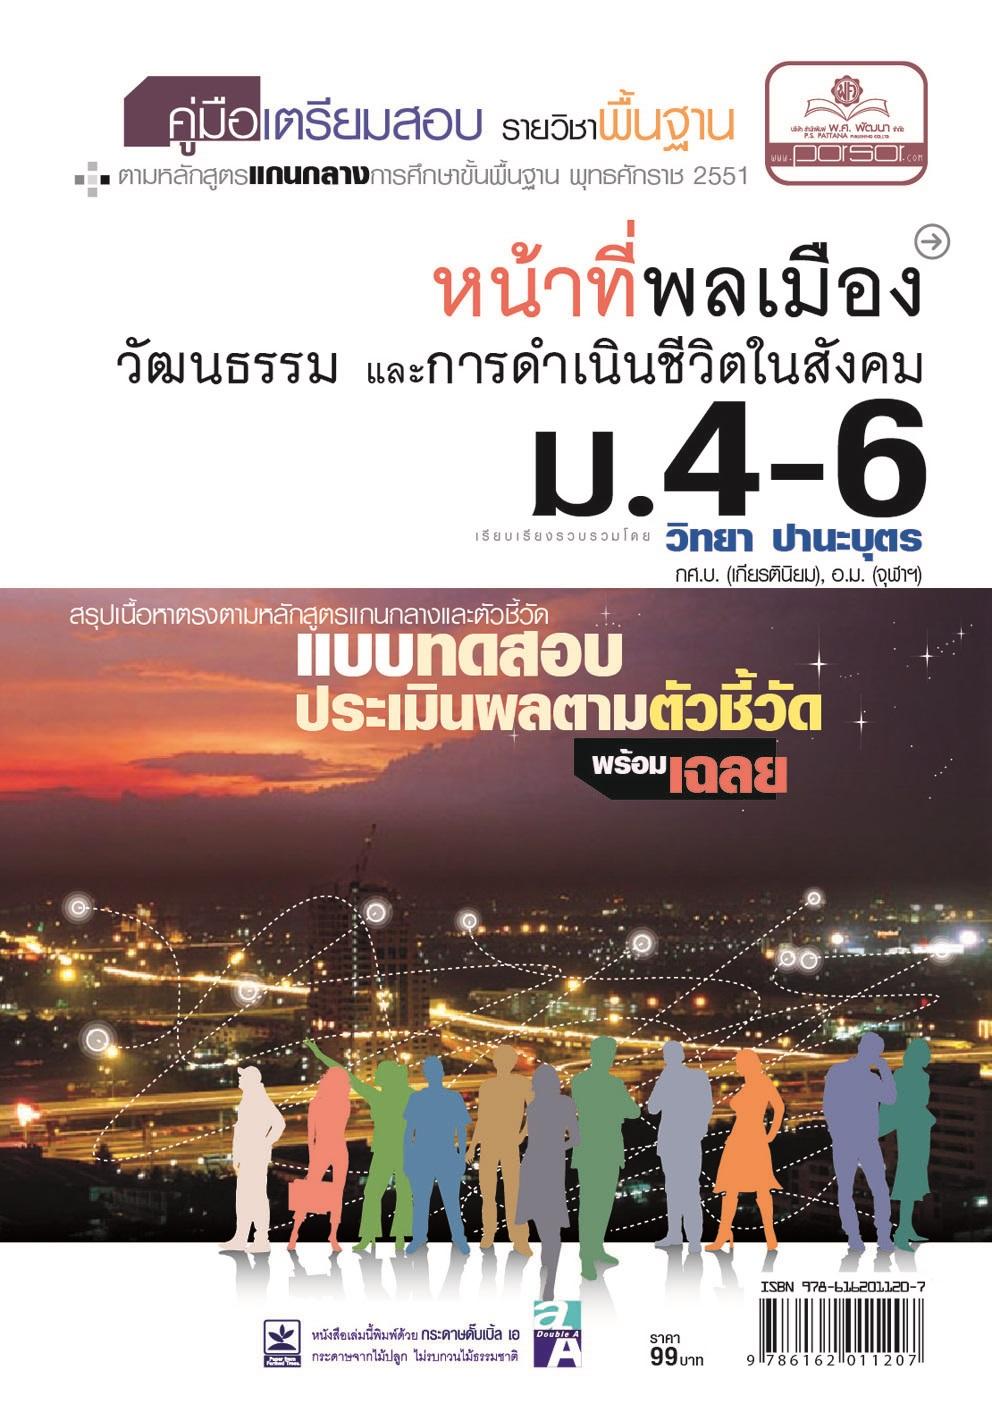 คู่มือเตรียมสอบสังคม หน้าที่พลเมือง วัฒนธรรม และการดำเนินชีวิตในสังคม ม.4-6